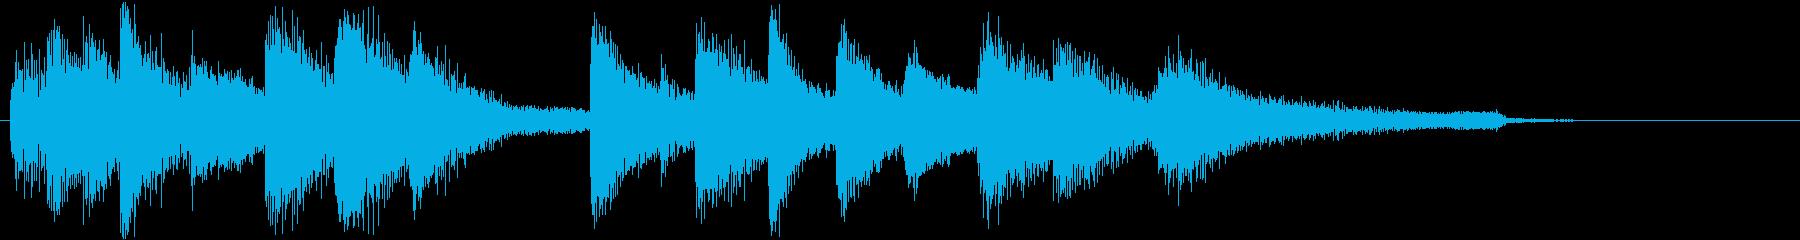 エレガントでおしゃれなピアノジングルの再生済みの波形